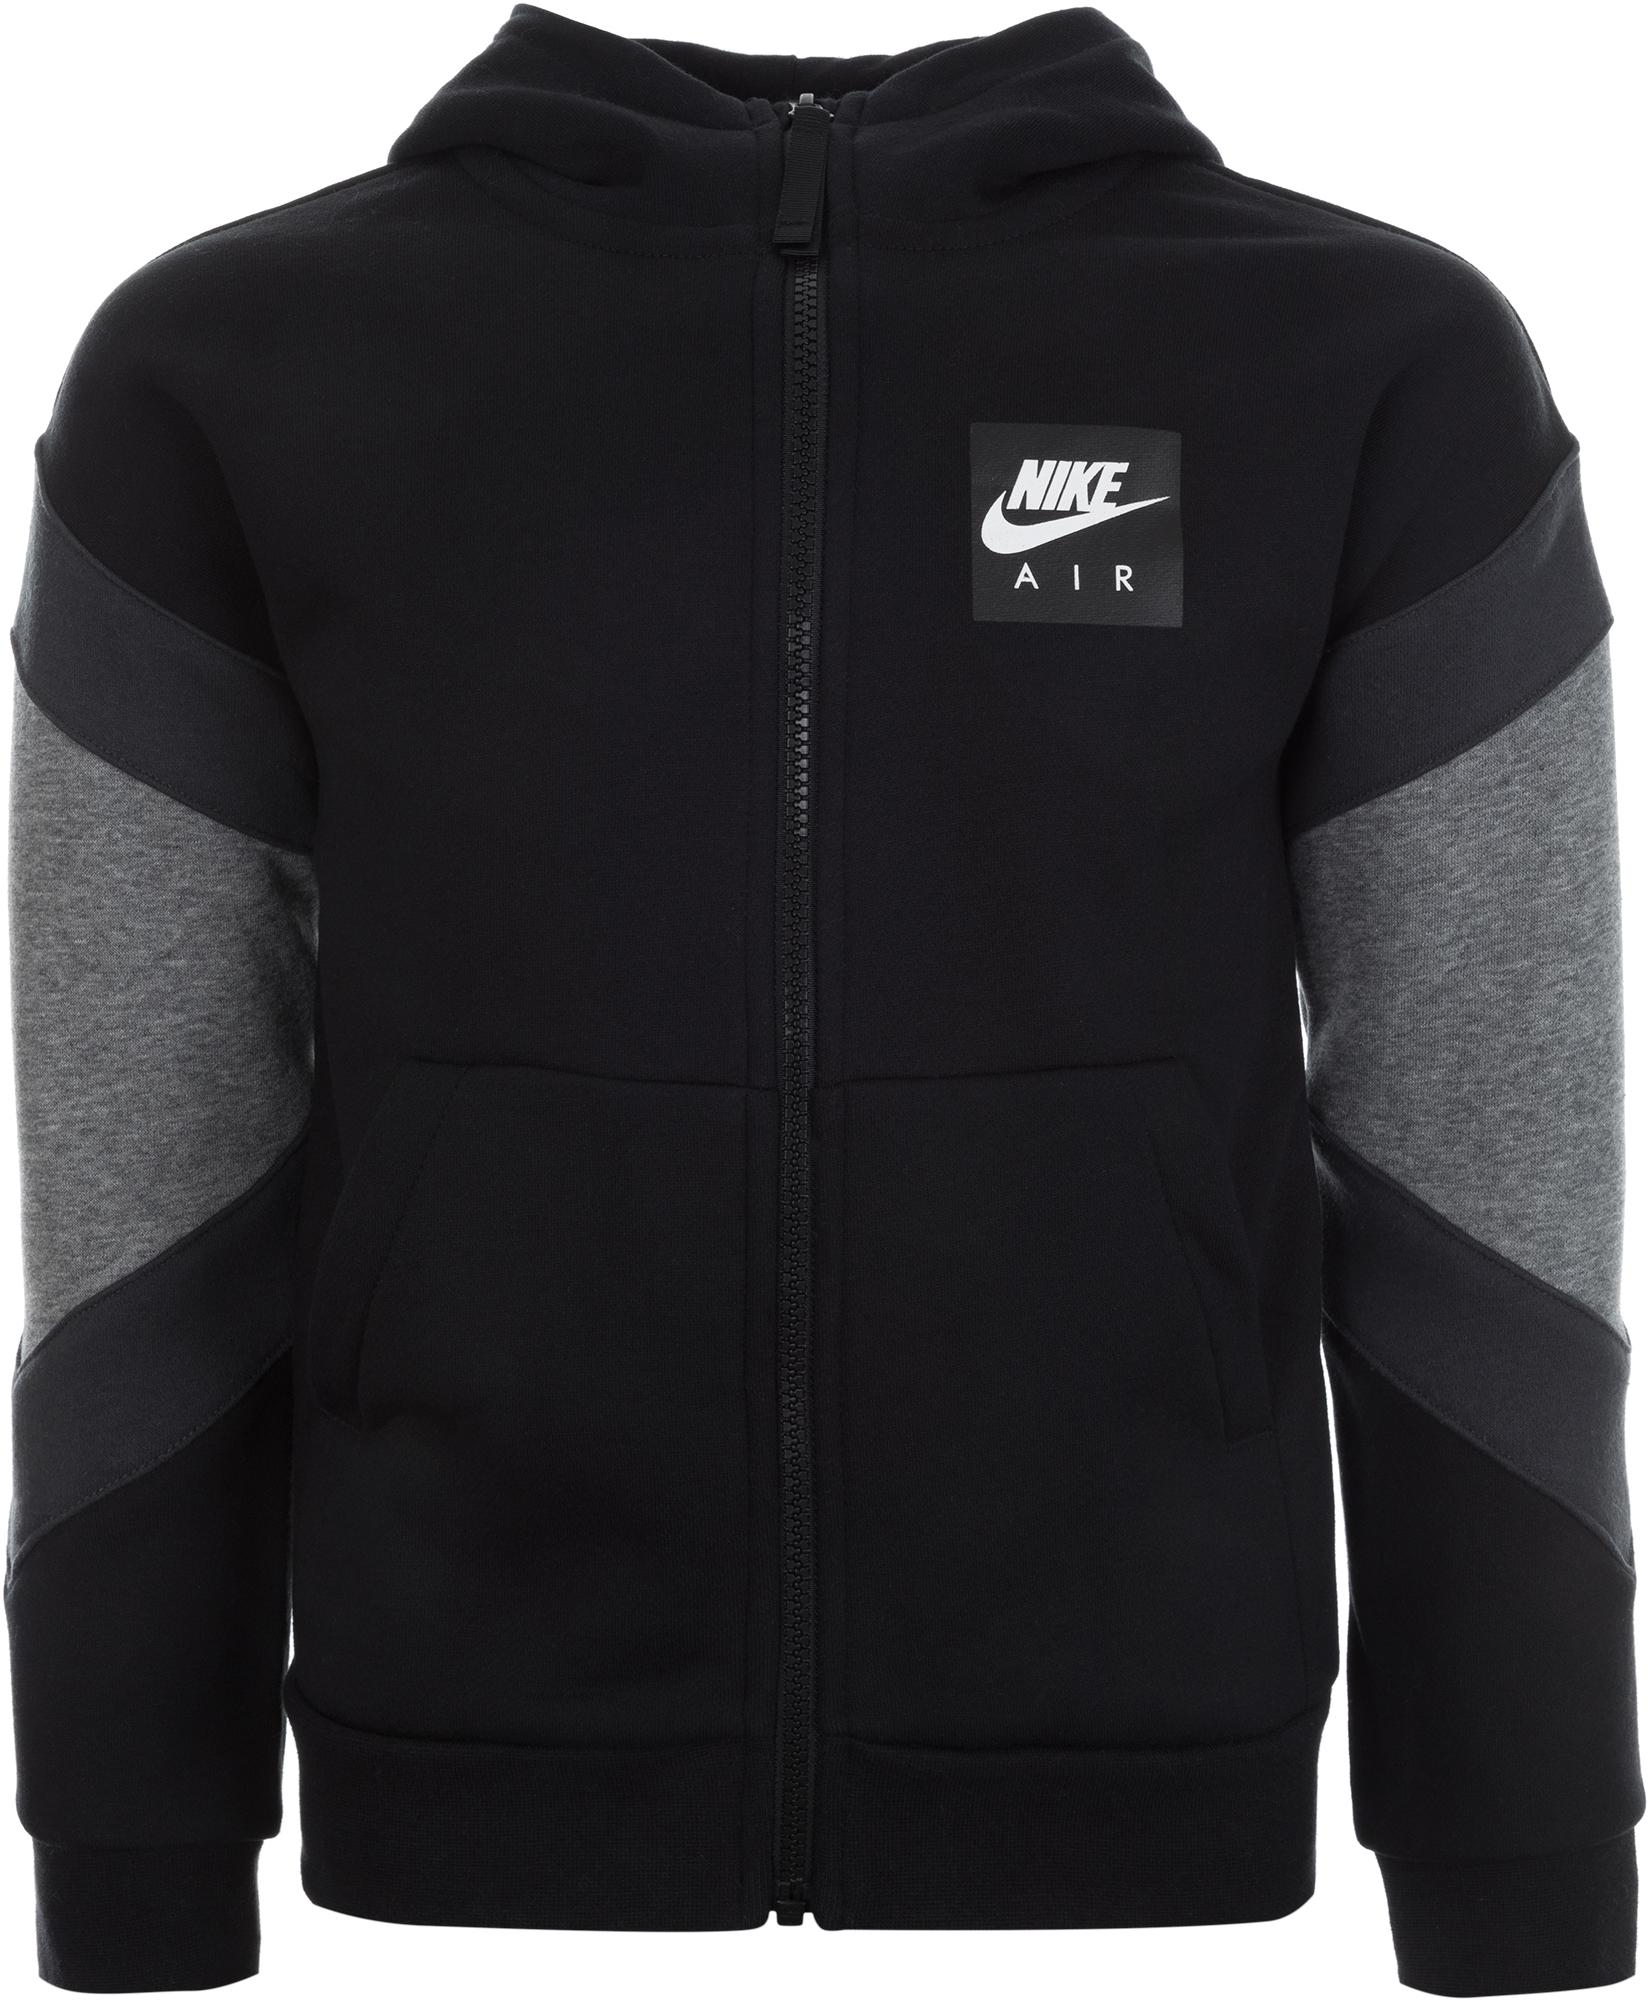 Nike Джемпер для мальчиков Nike Air, размер 147-158